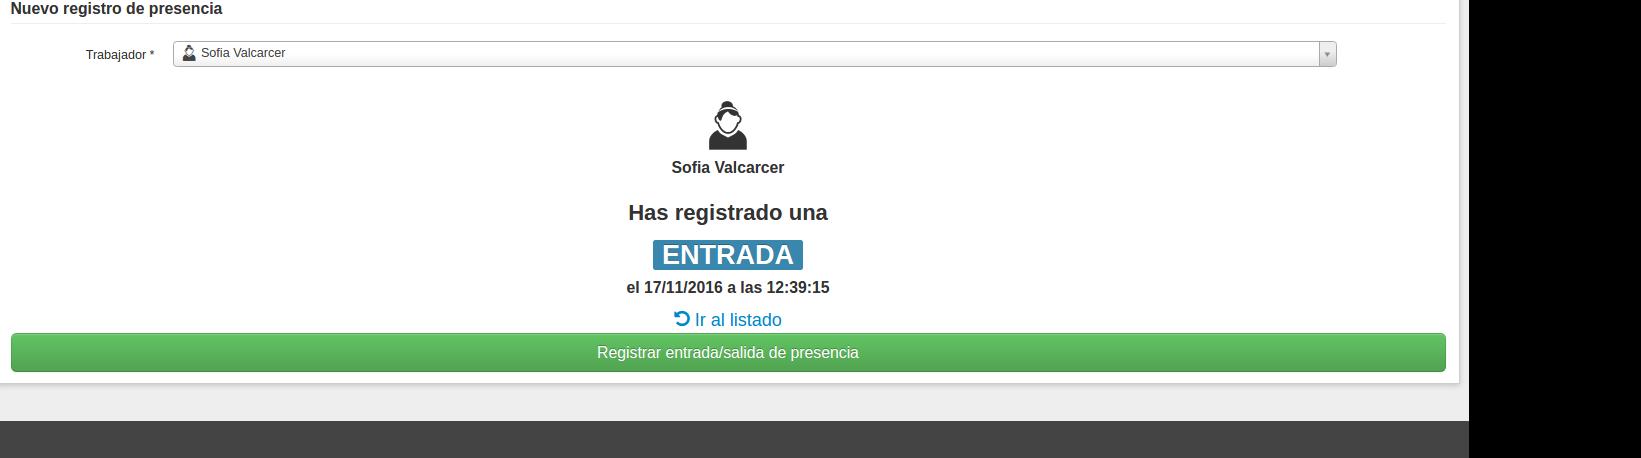 registro-de-presencia-nueva-version-de-fixner